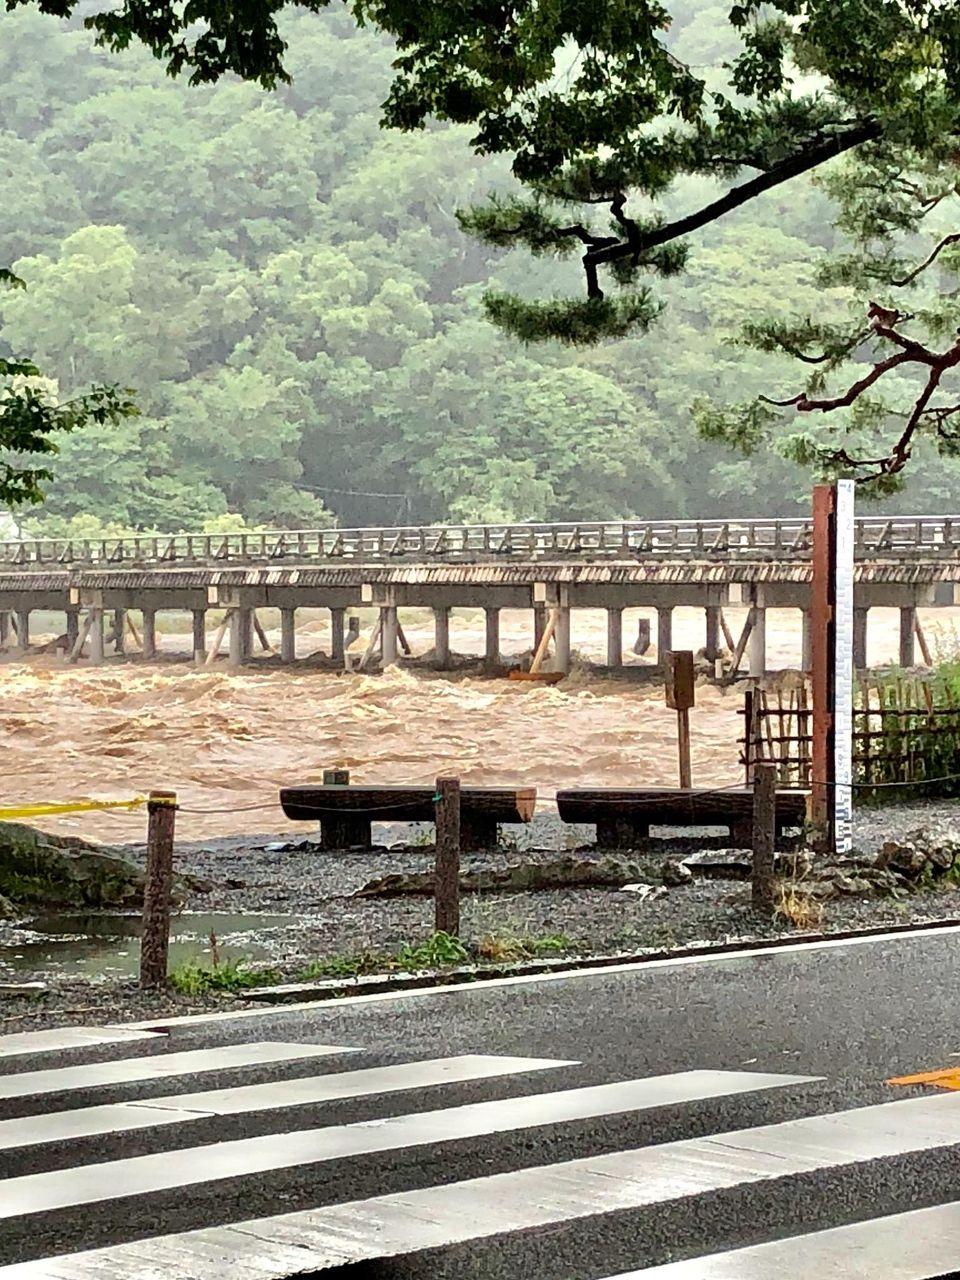 【速報】関西の川、軒並みダメそう・・・これもう手遅れだろのサムネイル画像